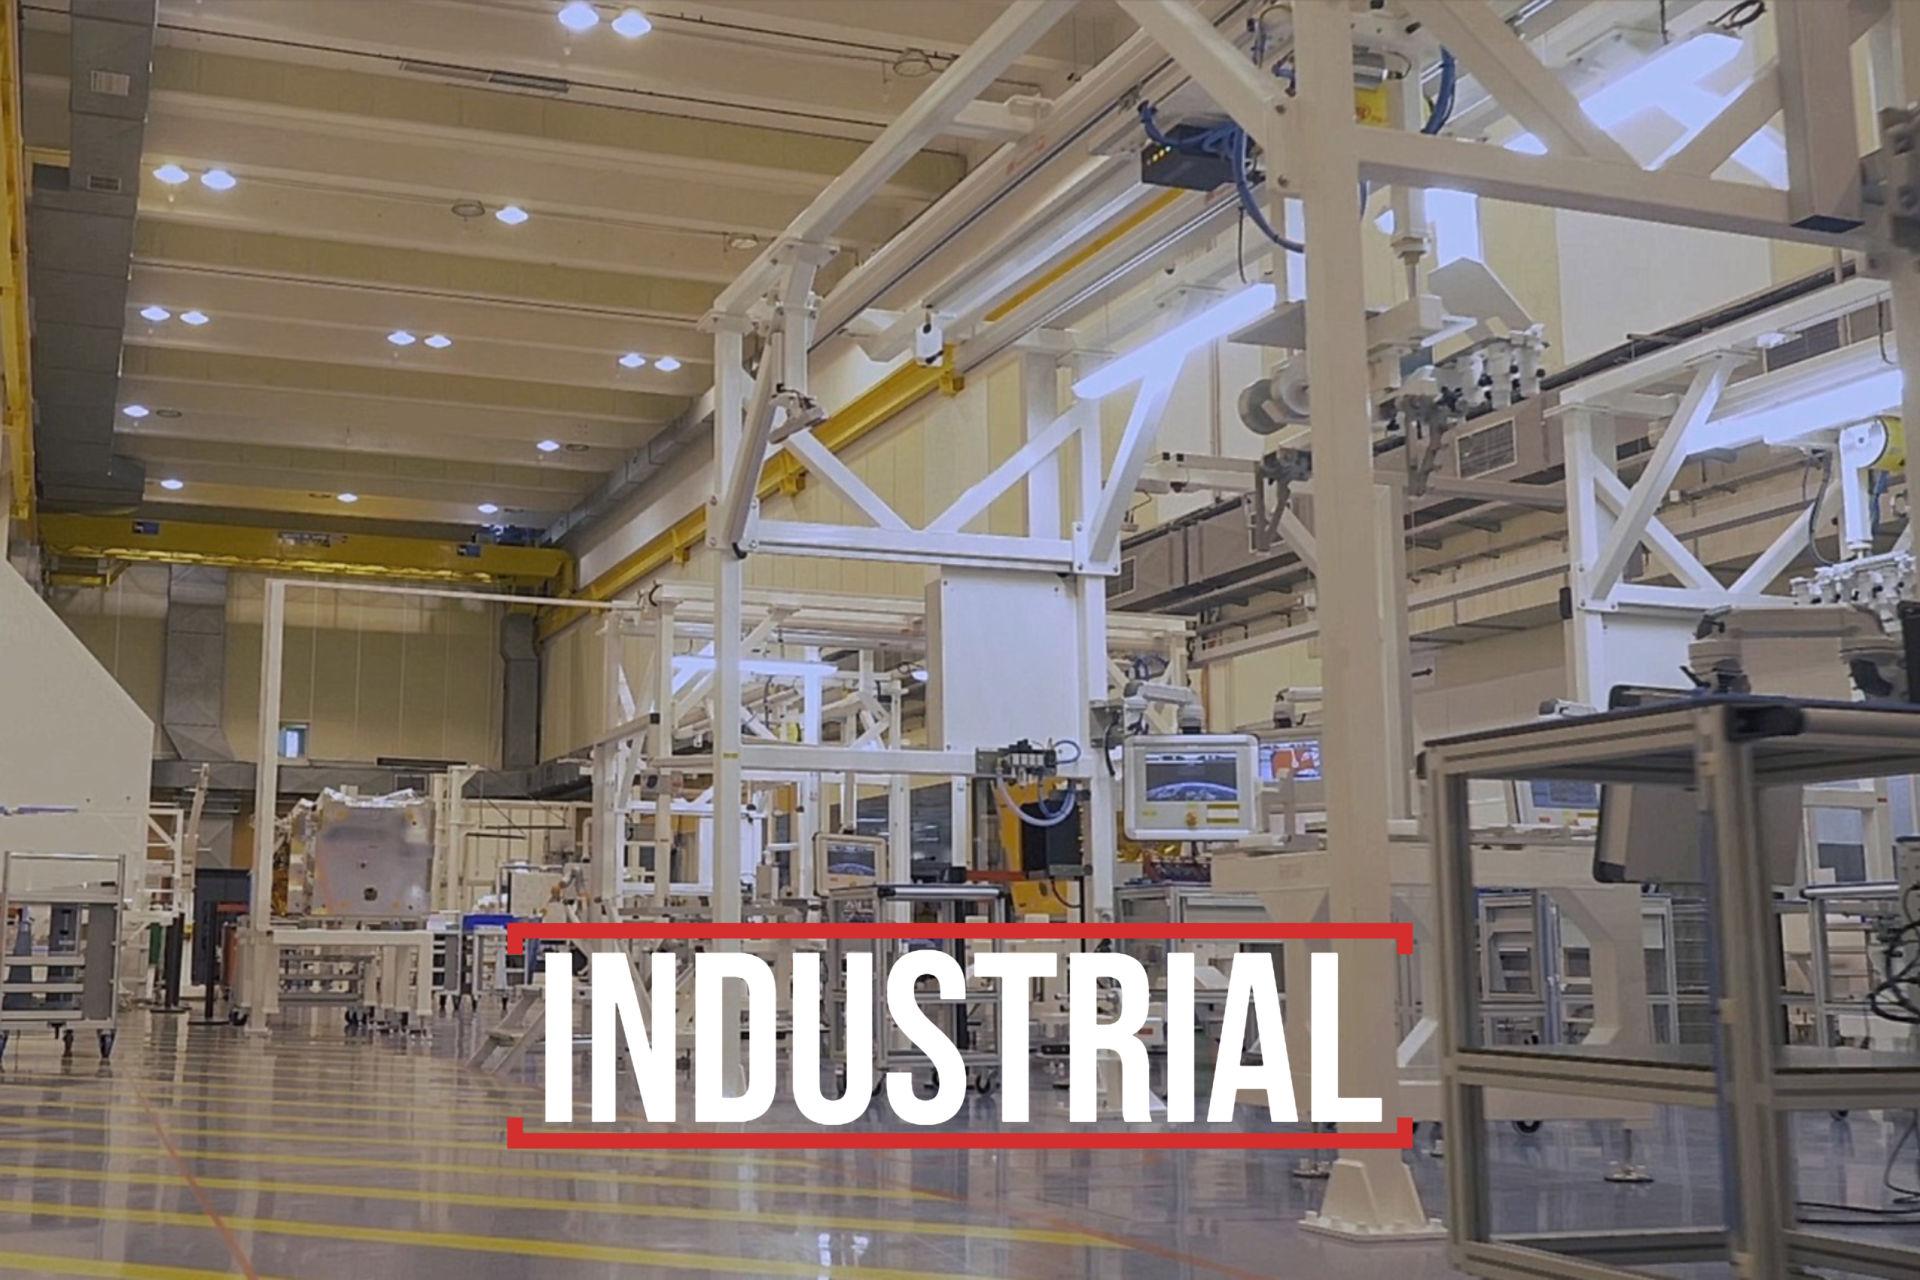 Industrial For Sale – Sarasota